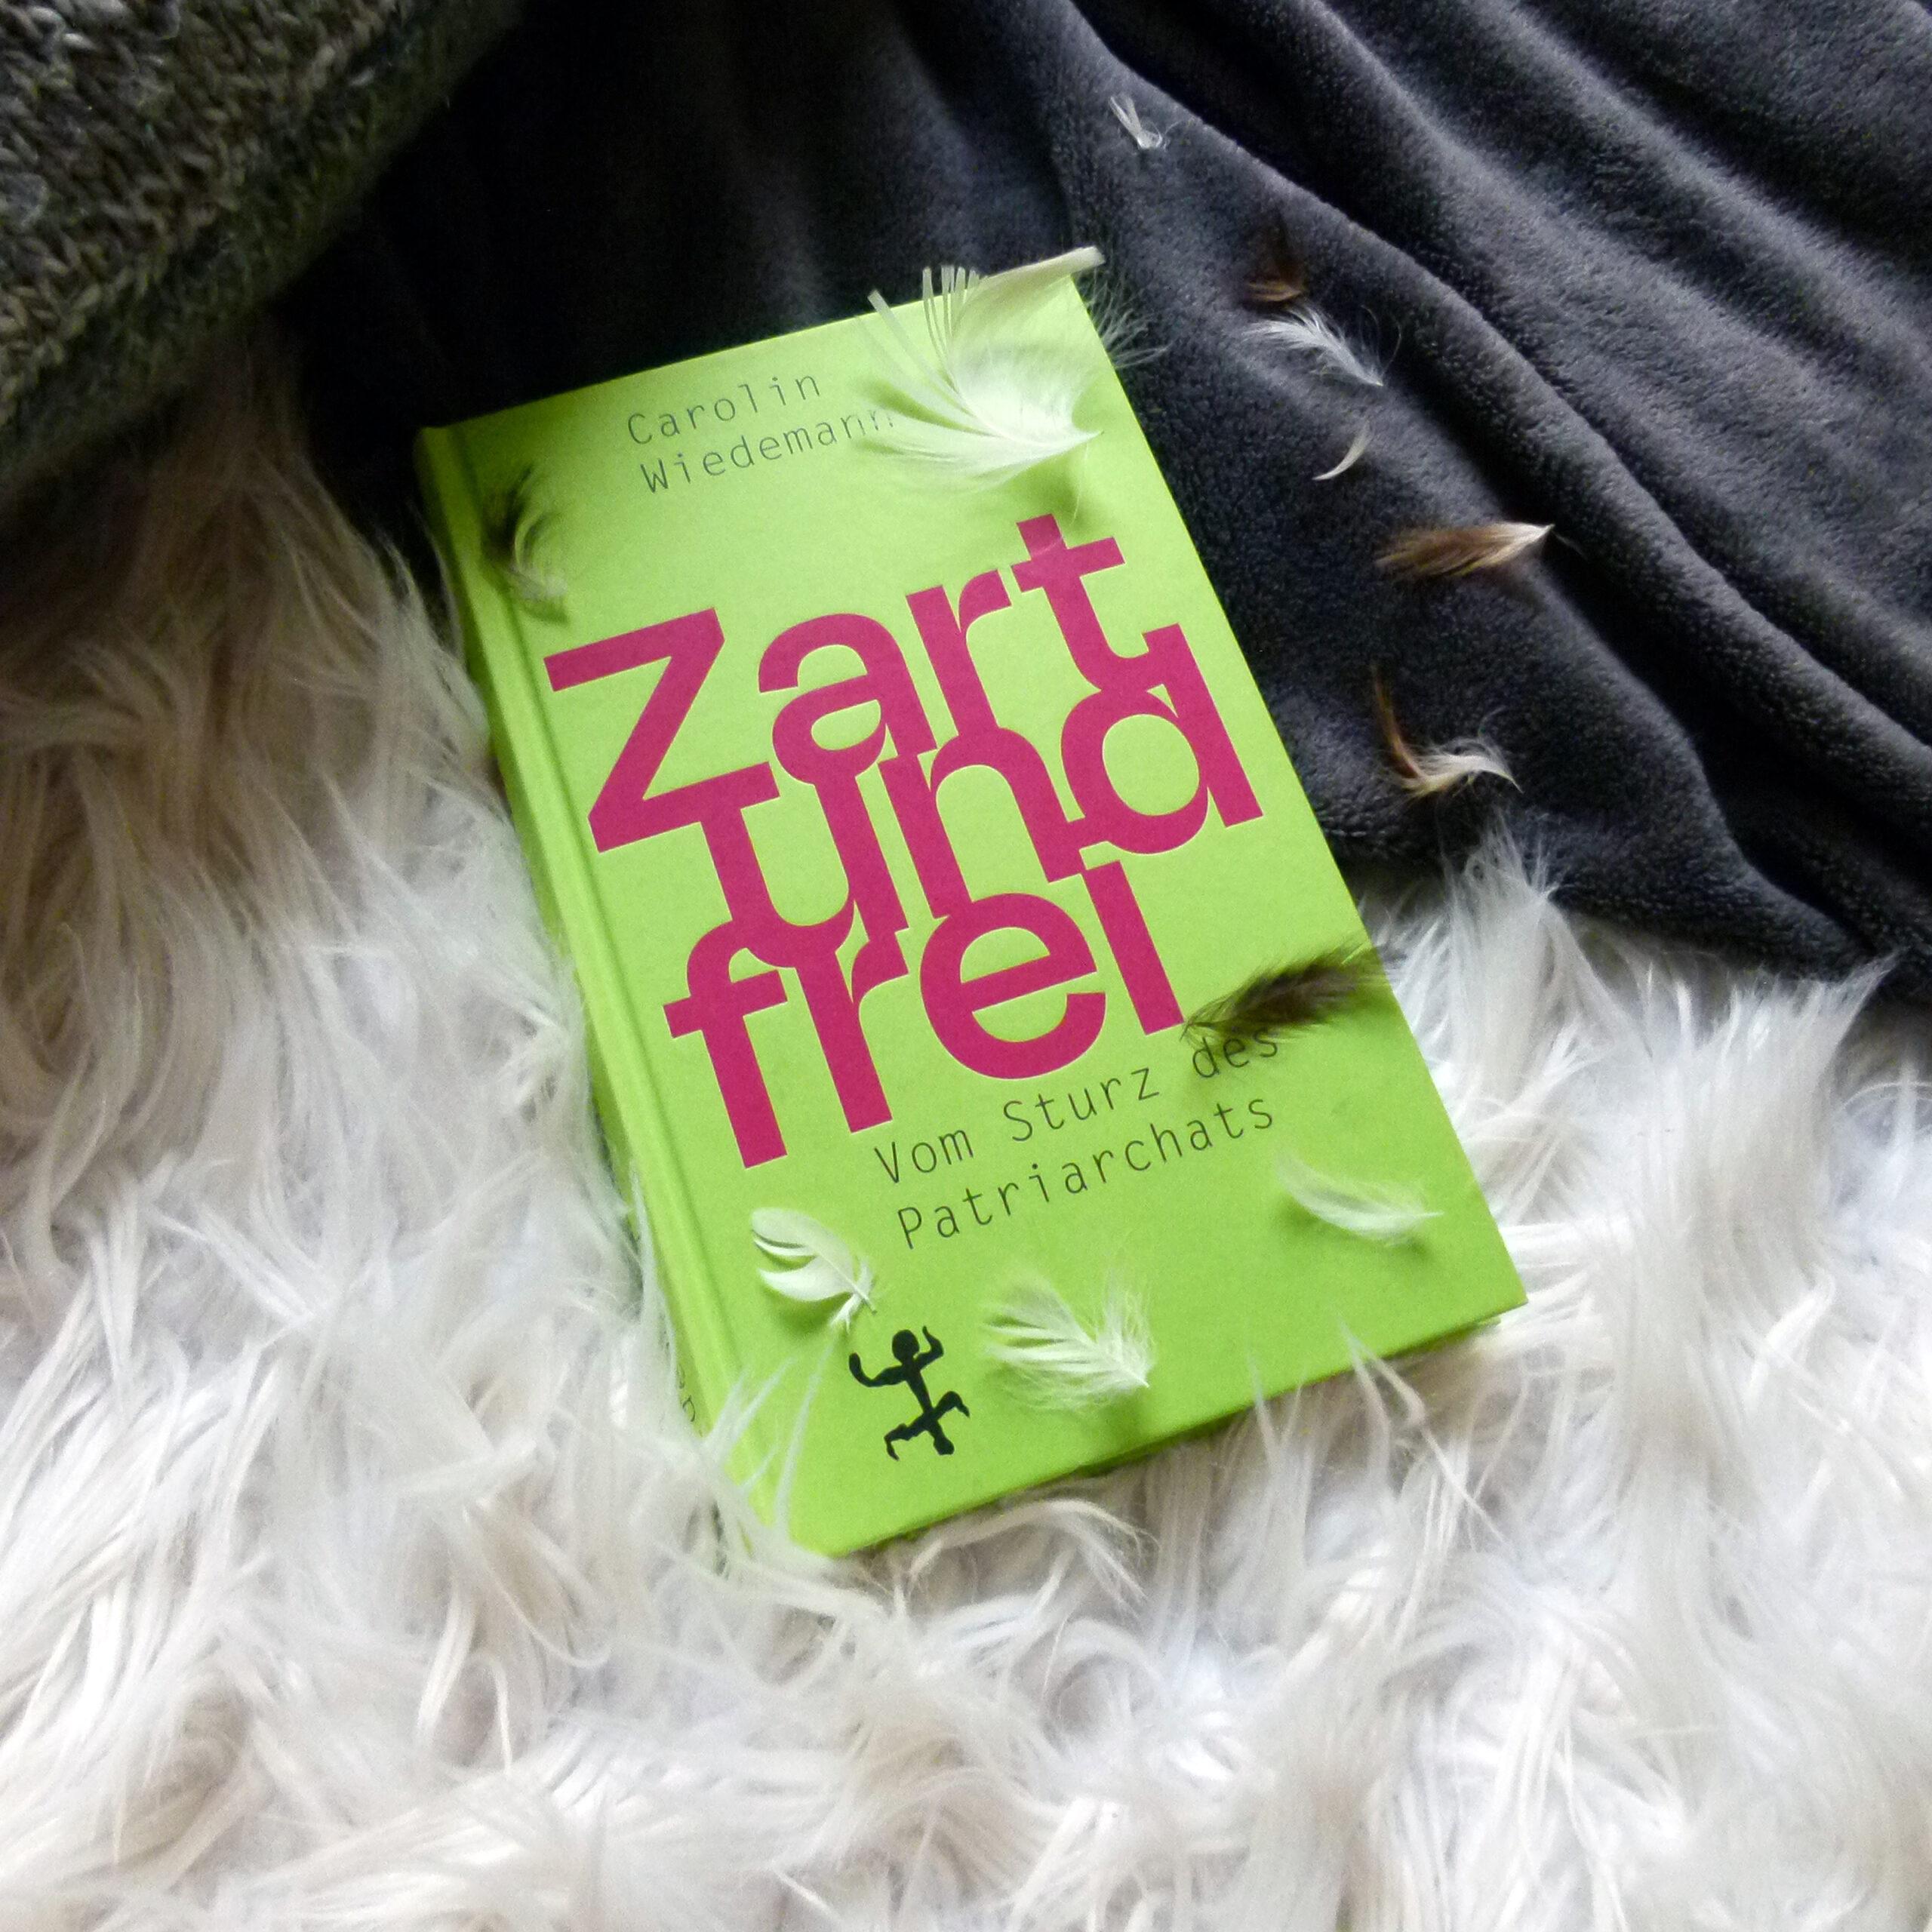 Das Buch liegt halb-halb auf einem weißen, flauschigen Hintergrund und auf einer grauen Decke. Auf dem Buch und rechts oben sind kleine weiße und braune Federn drapiert.